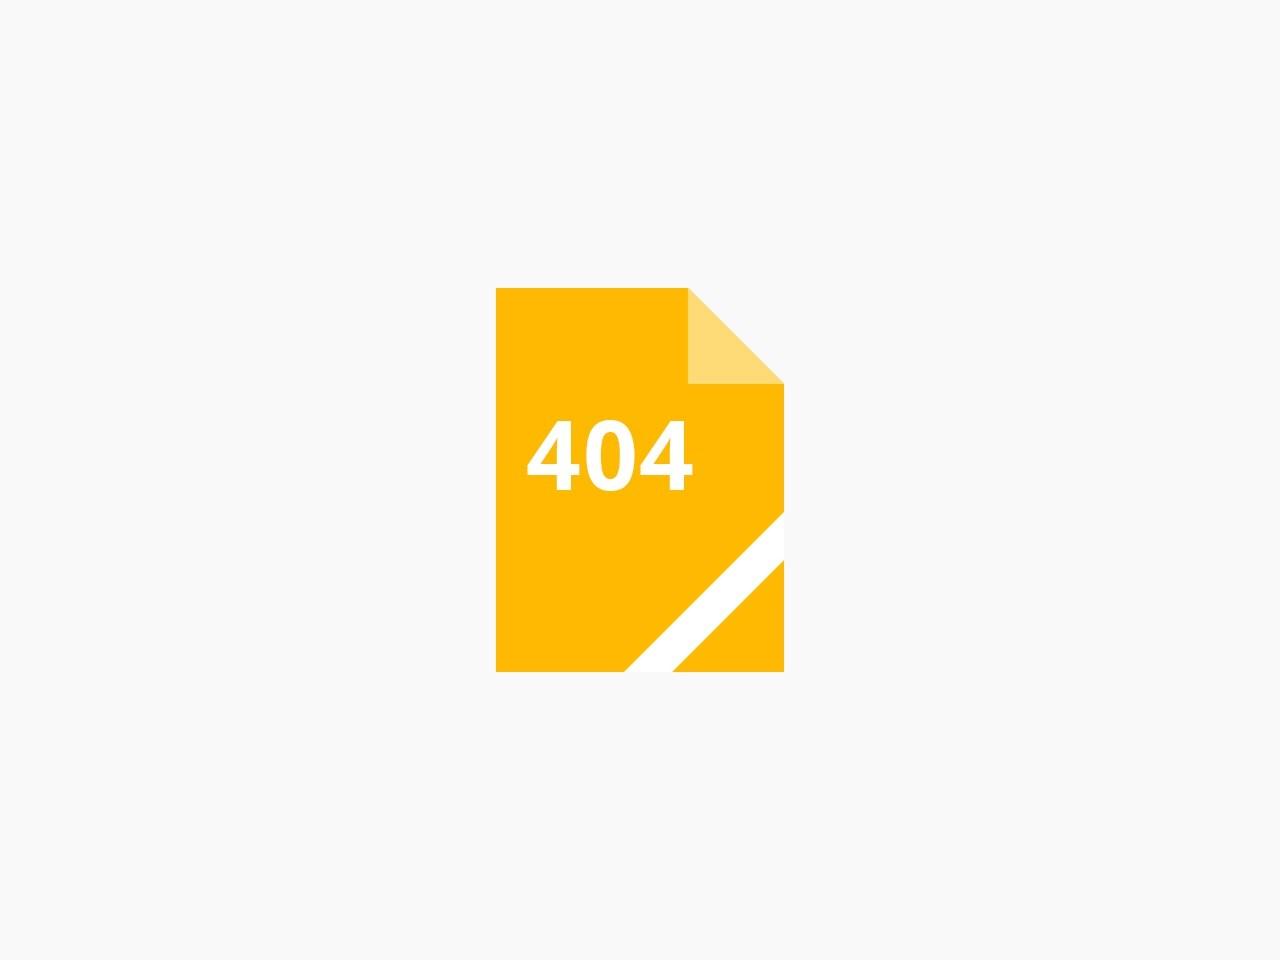 武汉天气预报网